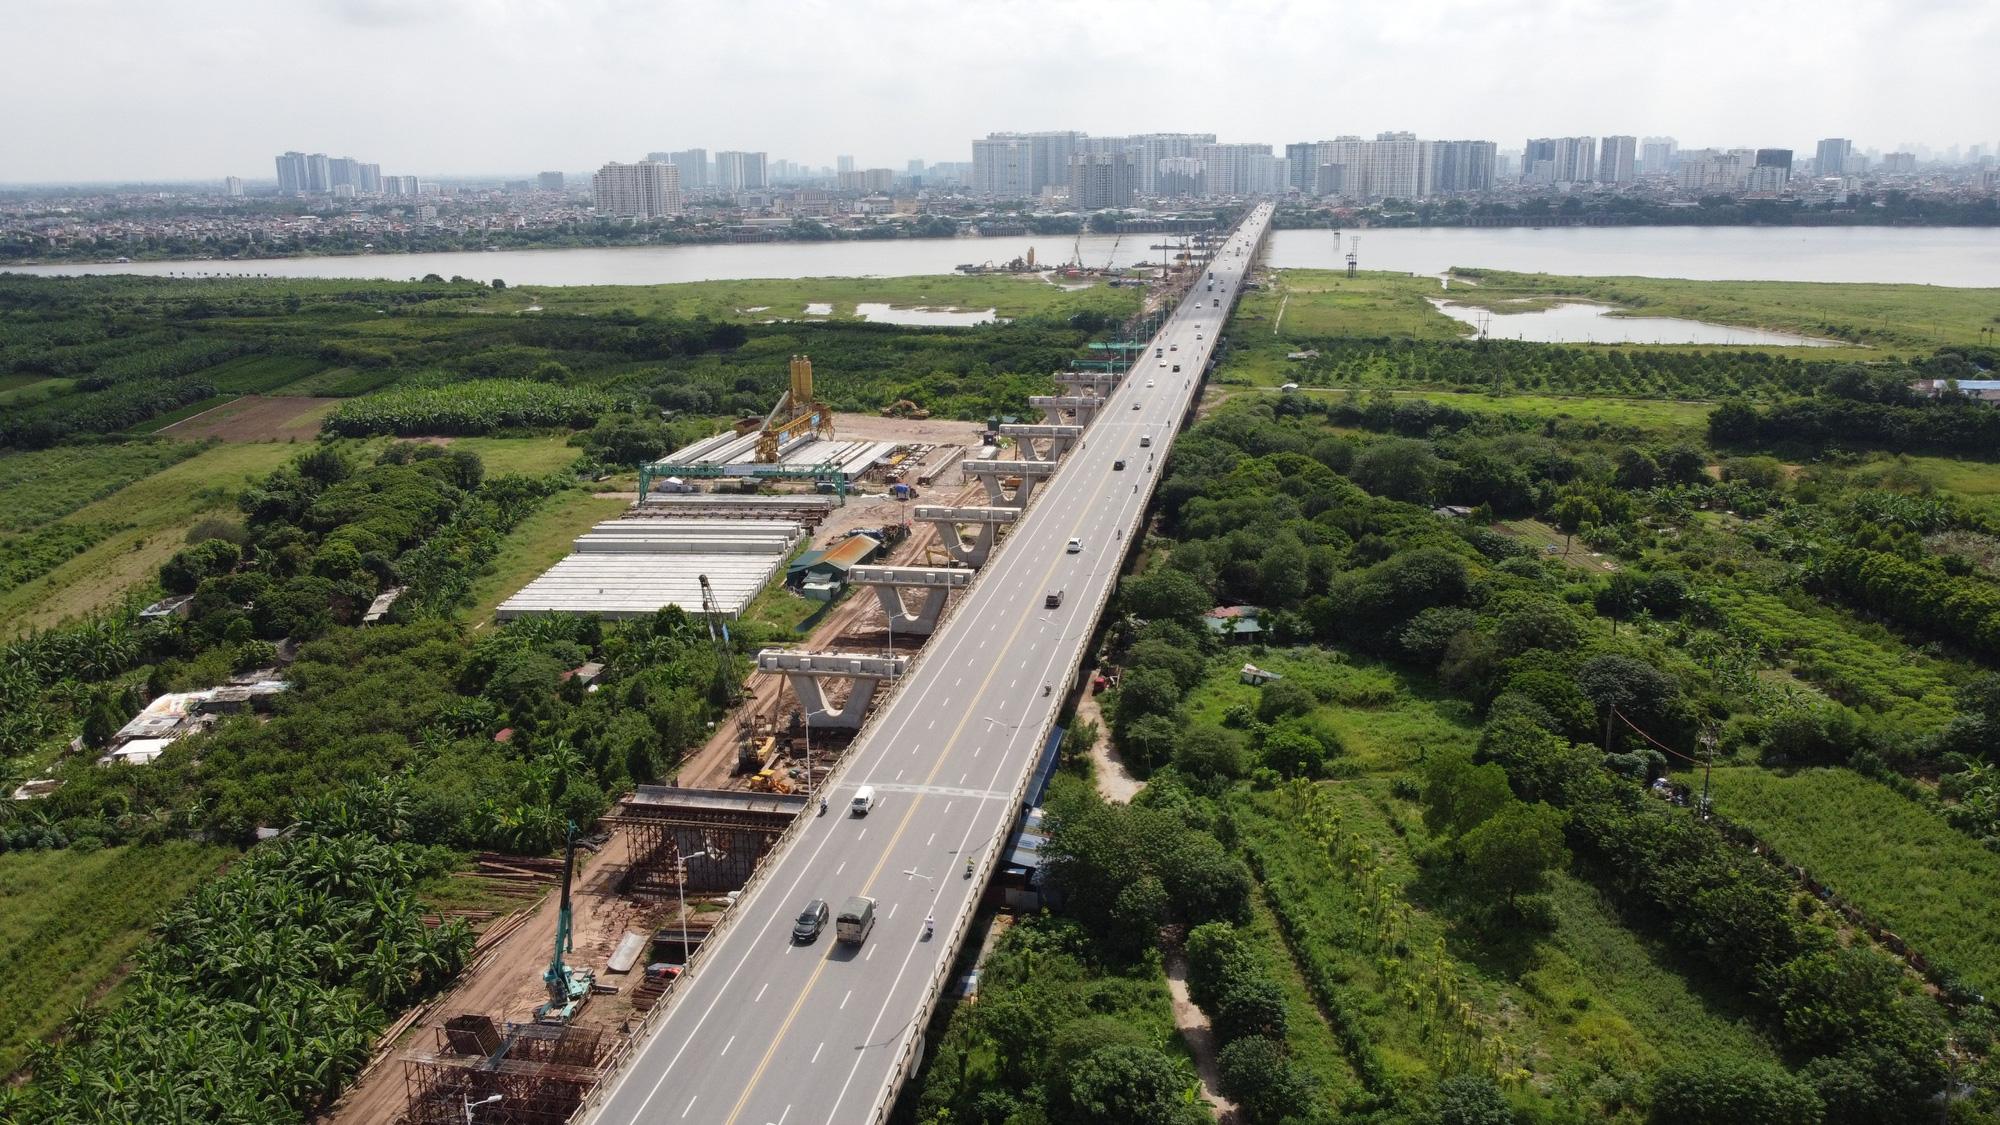 Hà Nội chi hơn 83.000 tỷ đồng vào 255 dự án giao thông, đầu tư nhiều tuyến vành đai và cầu - Ảnh 2.